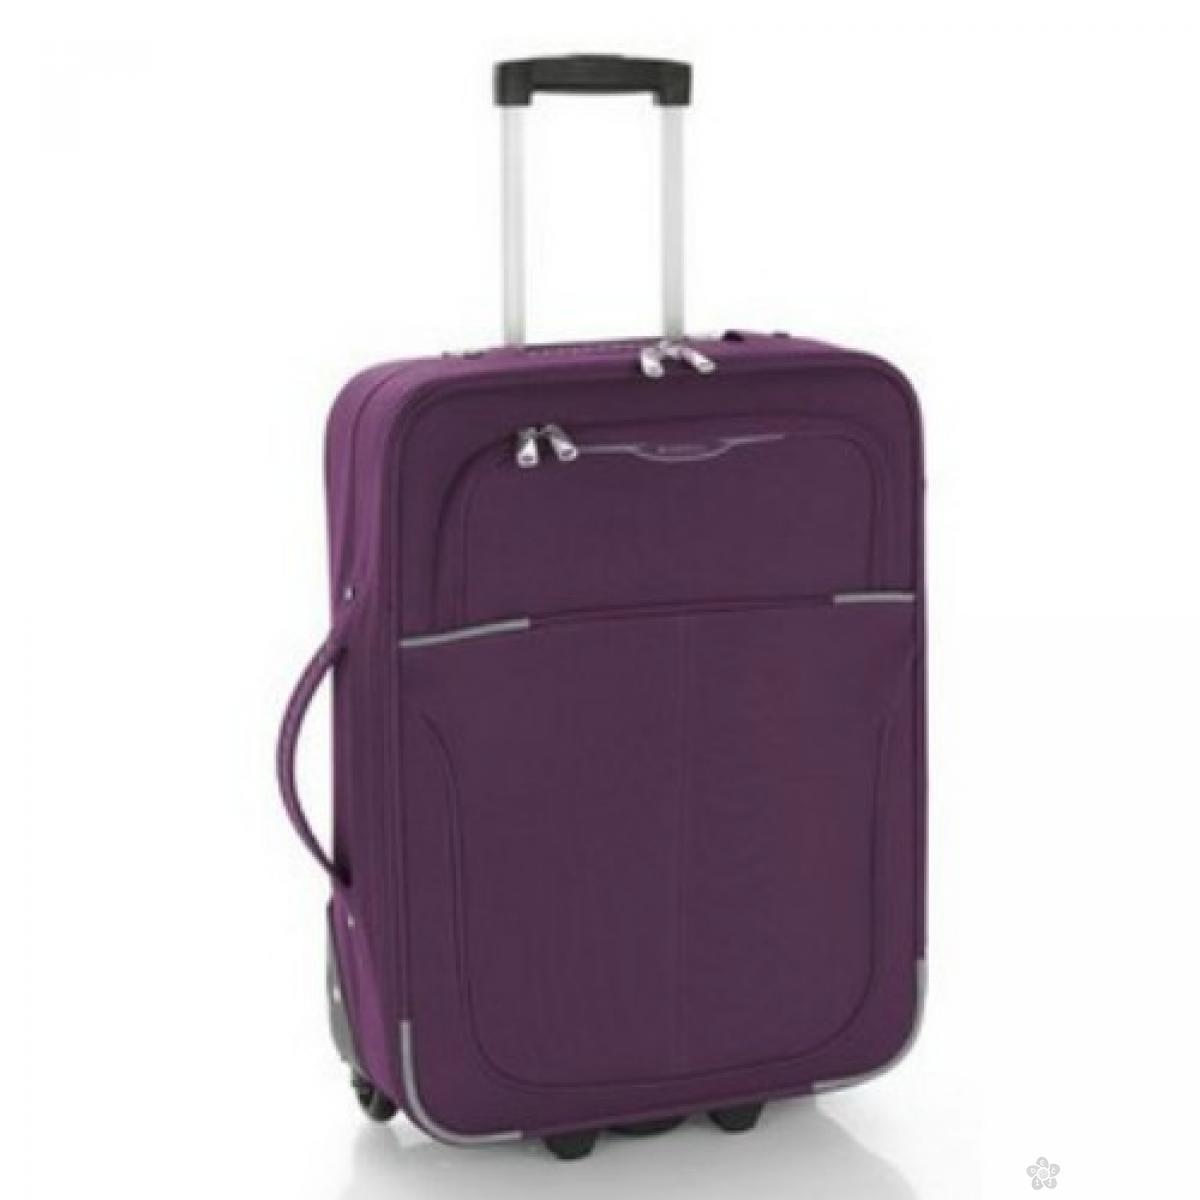 Kofer mali polyester Malasia ljubičasta, 16KG113321L